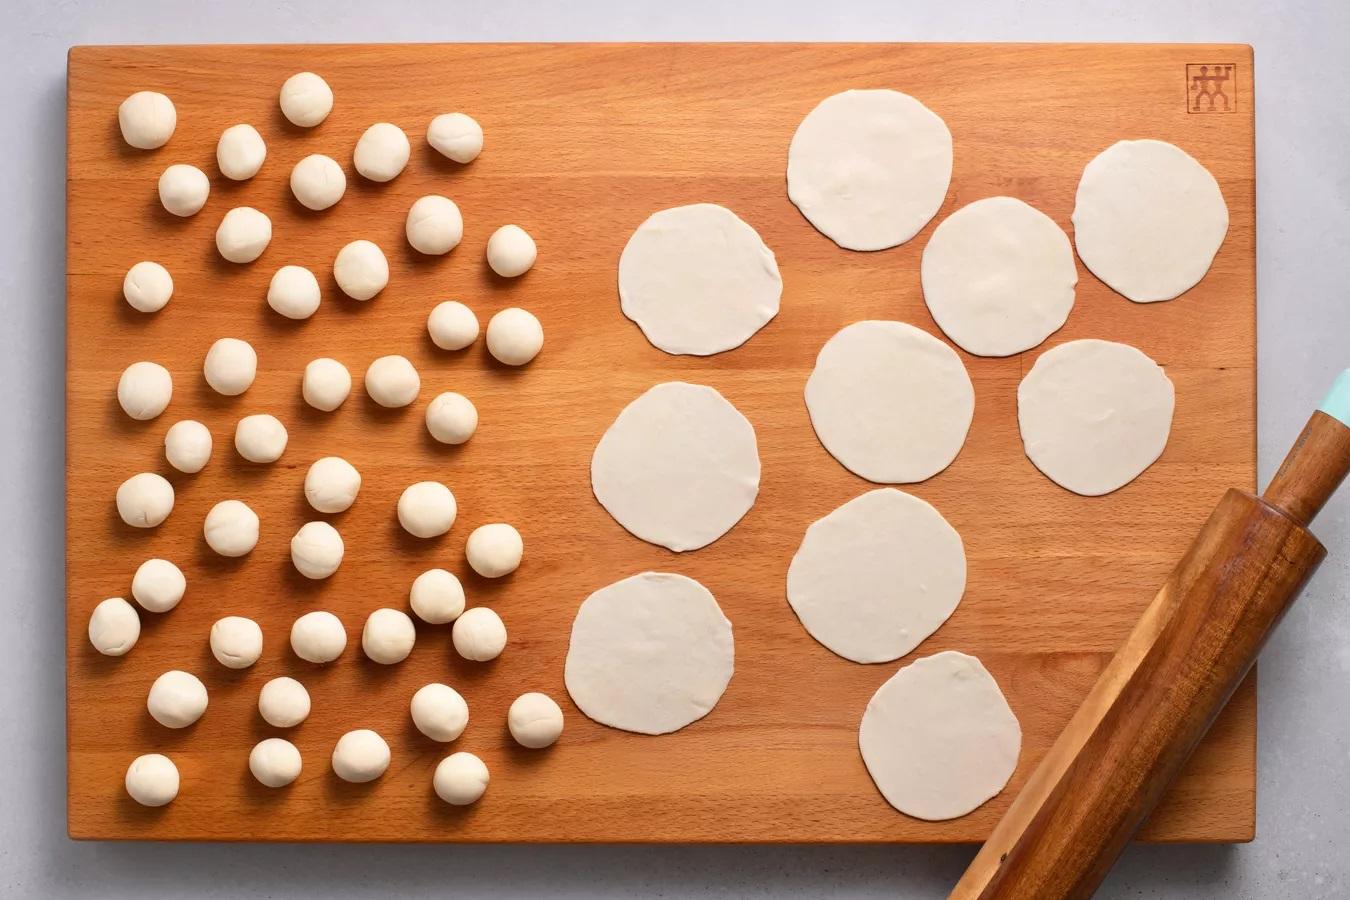 Chia bột thành 60 miếng, mỗi miếng nặng khoảng 15 gram. Cán từng viên bột thành hình tròn đường kính khoảng 3 inch, dùng bột mì nhẹ lên bề mặt khi cần để bột không bị dính.